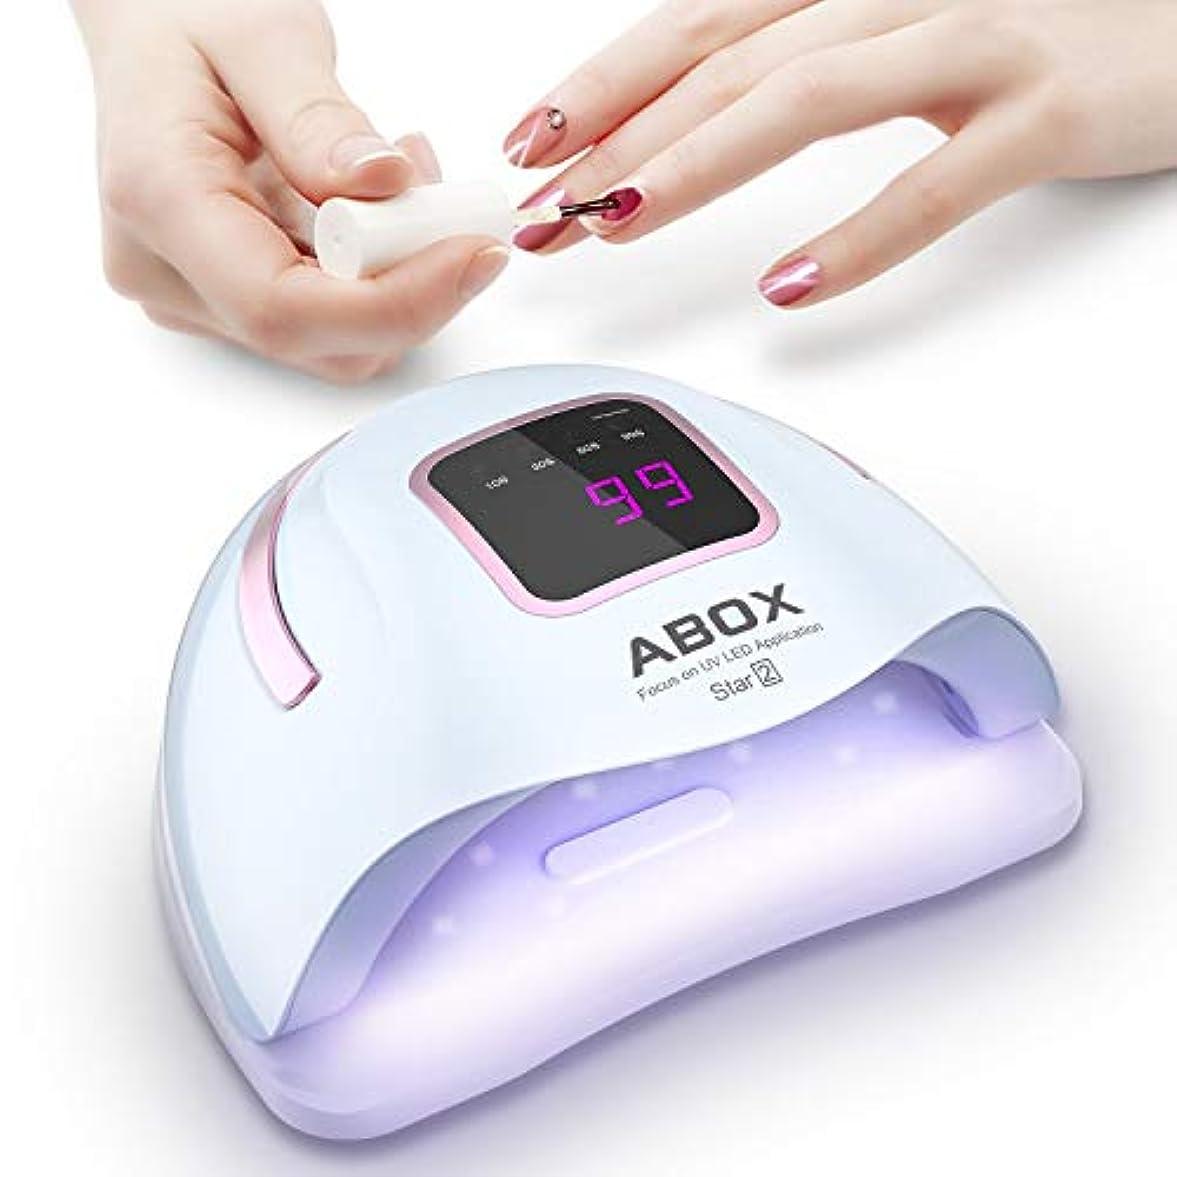 ミニ勢いビットネイルドライヤー ABOX 72W 硬化用UV+LEDライト 4段階タイマー付き 自動センサー 携帯便利 ポリッシュもジェルネイル対応 時間目安 日本語説明書付き